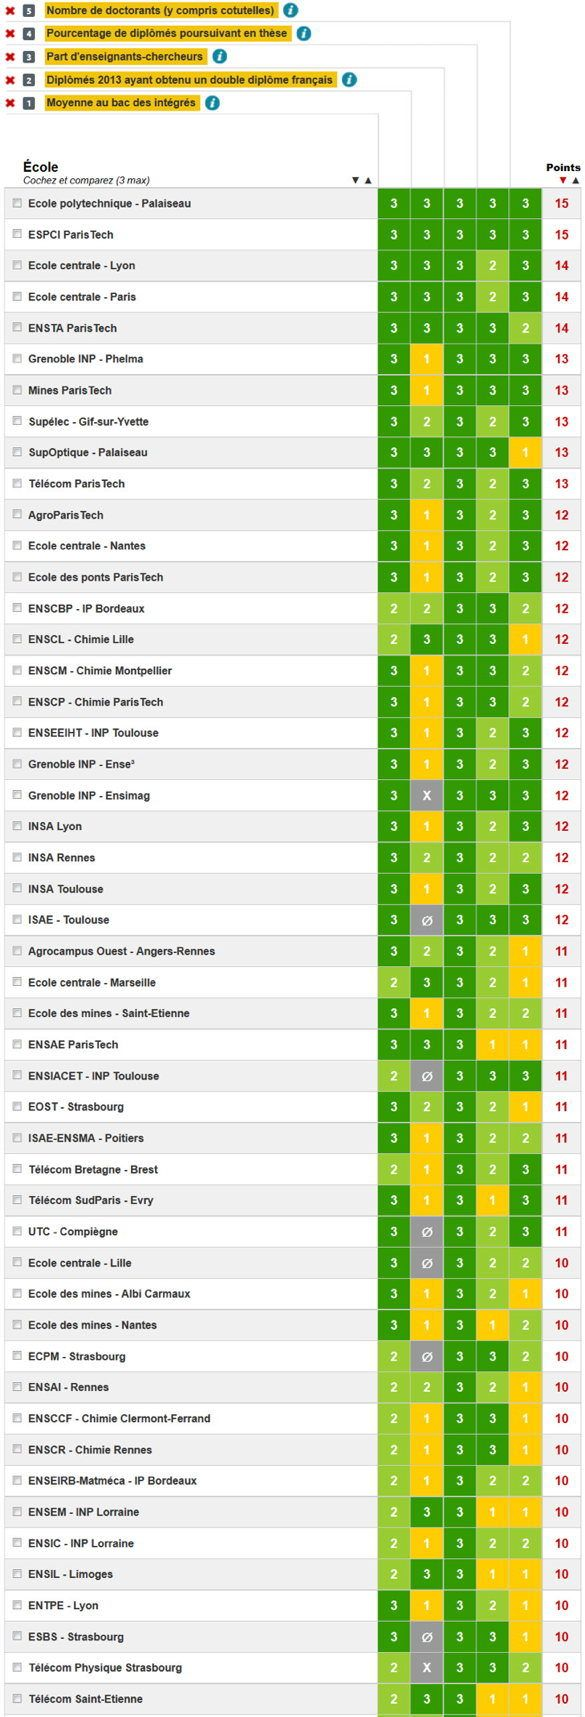 palmares-ecole-ingenieurs-excellence-academique